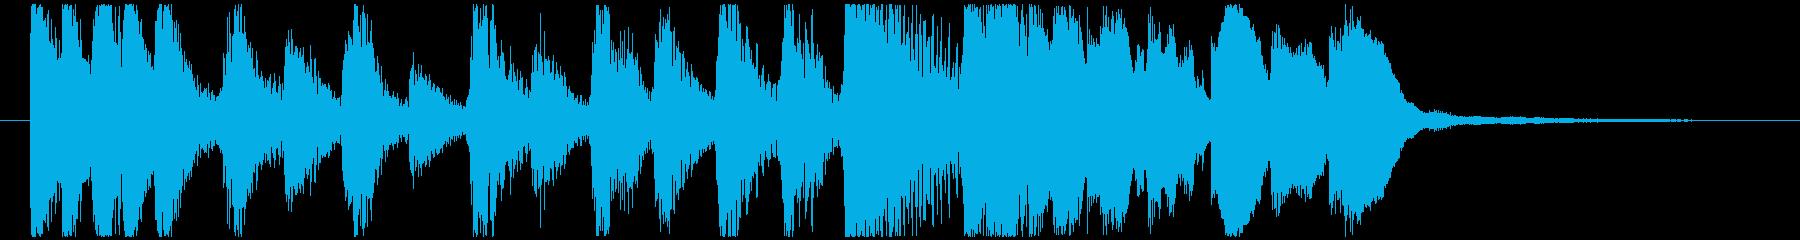 CM コメディードラマ2 オープニングの再生済みの波形